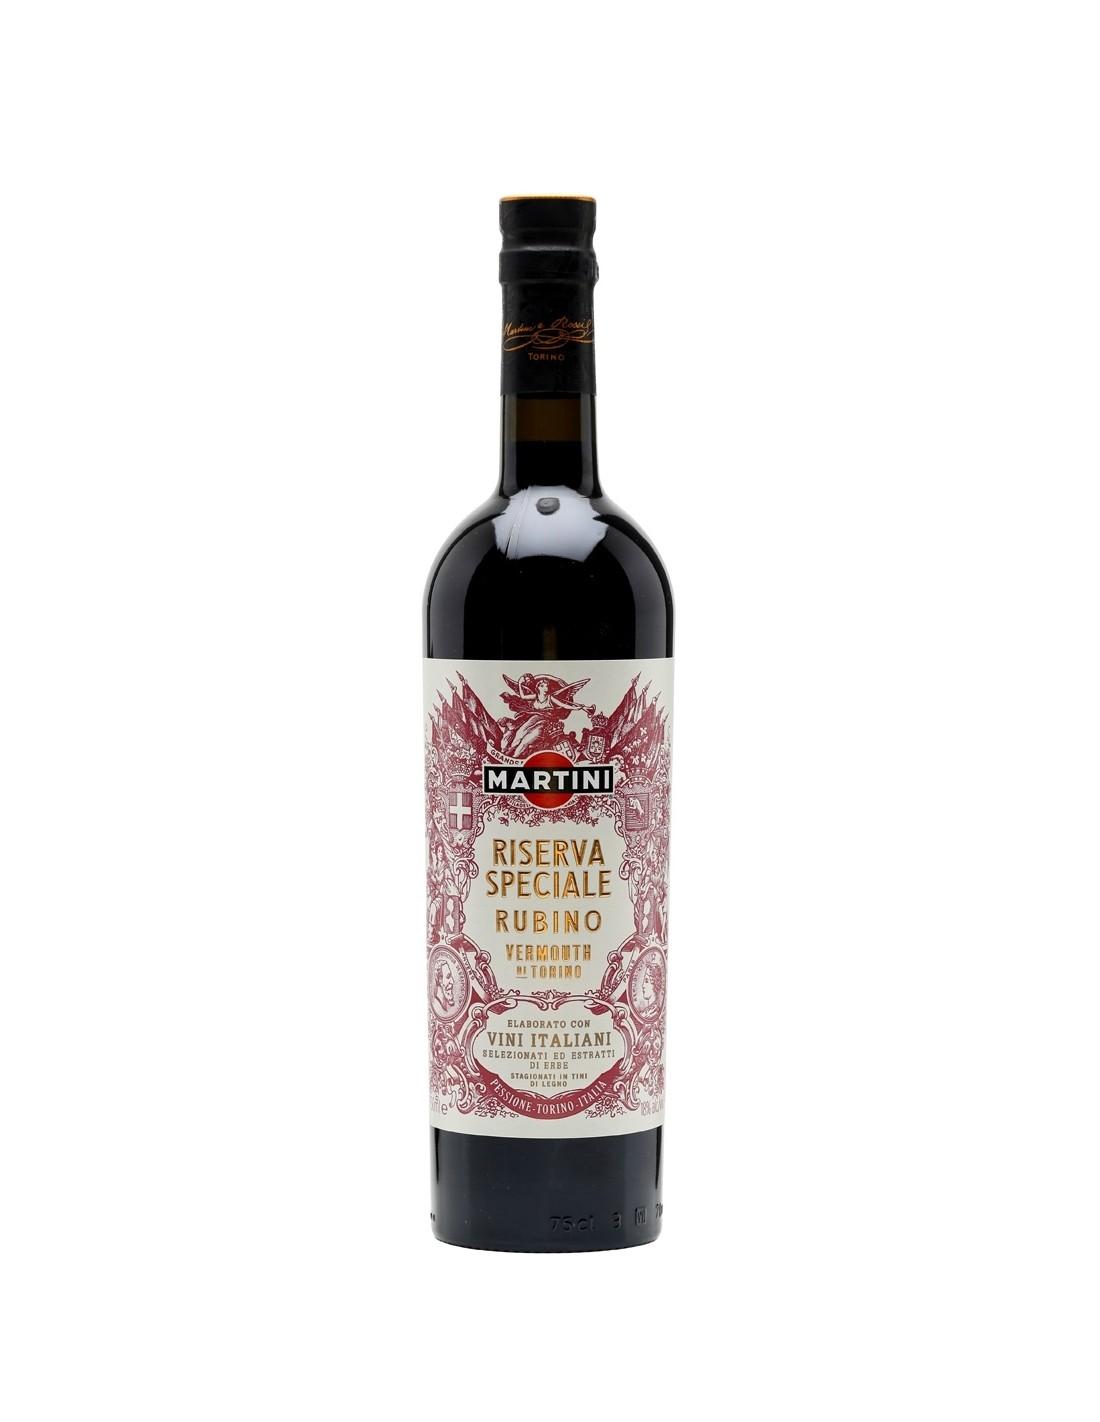 Vermut Martini Rubino, 18% alc., 0.75L, Italia